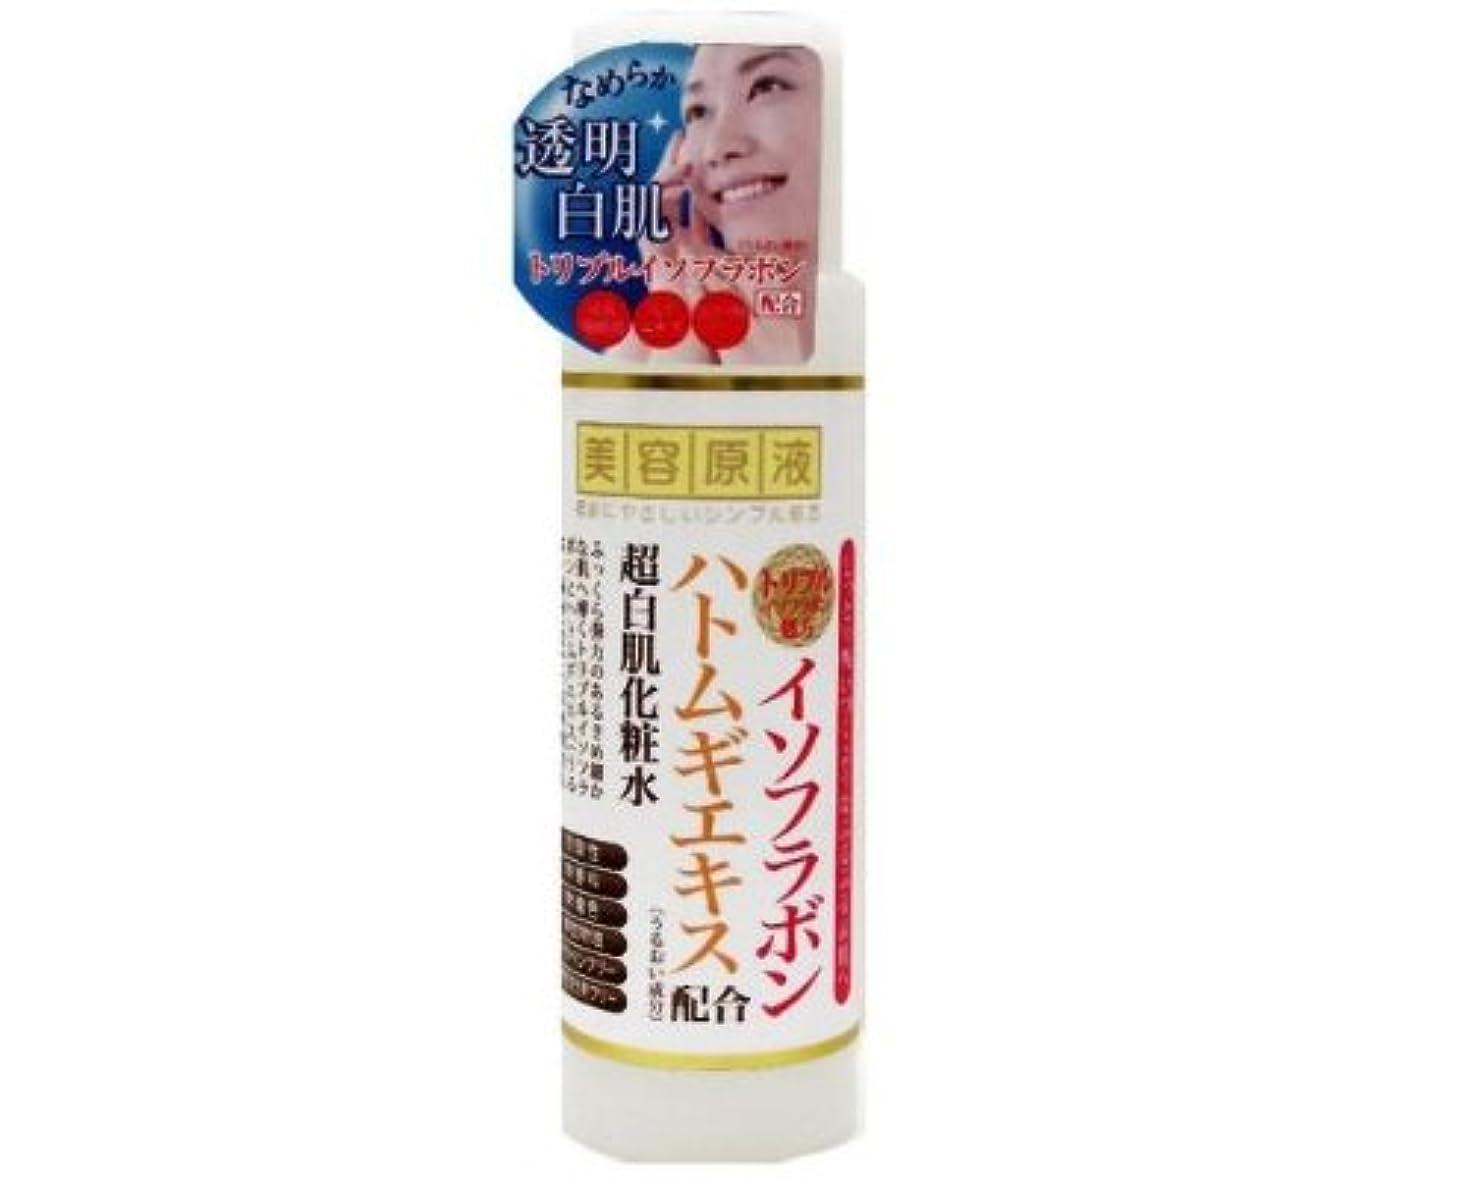 ラリー断線開発美容原液 イソフラボンとハトムギの化粧水